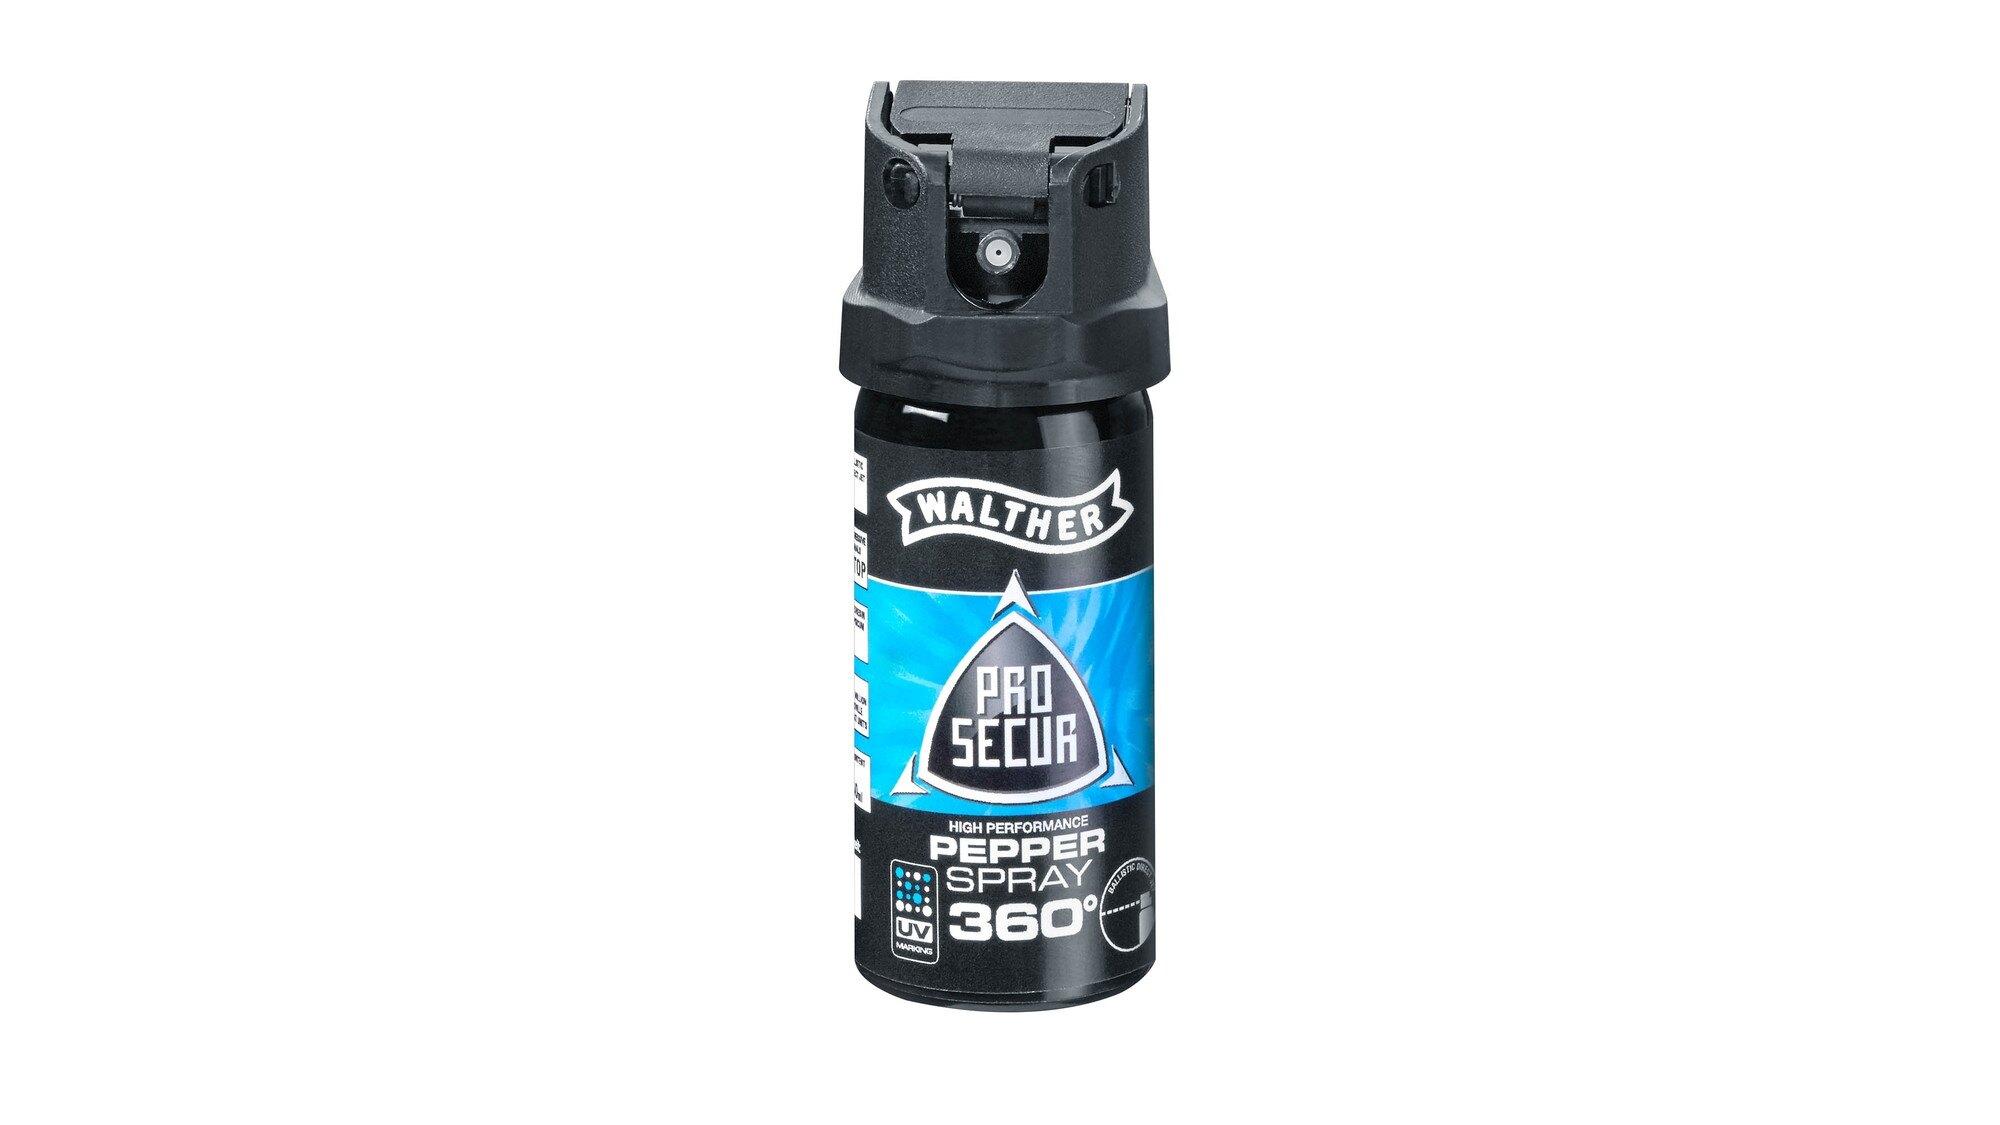 Obranný sprej JET ProSecur UV 360° Walther® 40 ml (Barva: Černá)